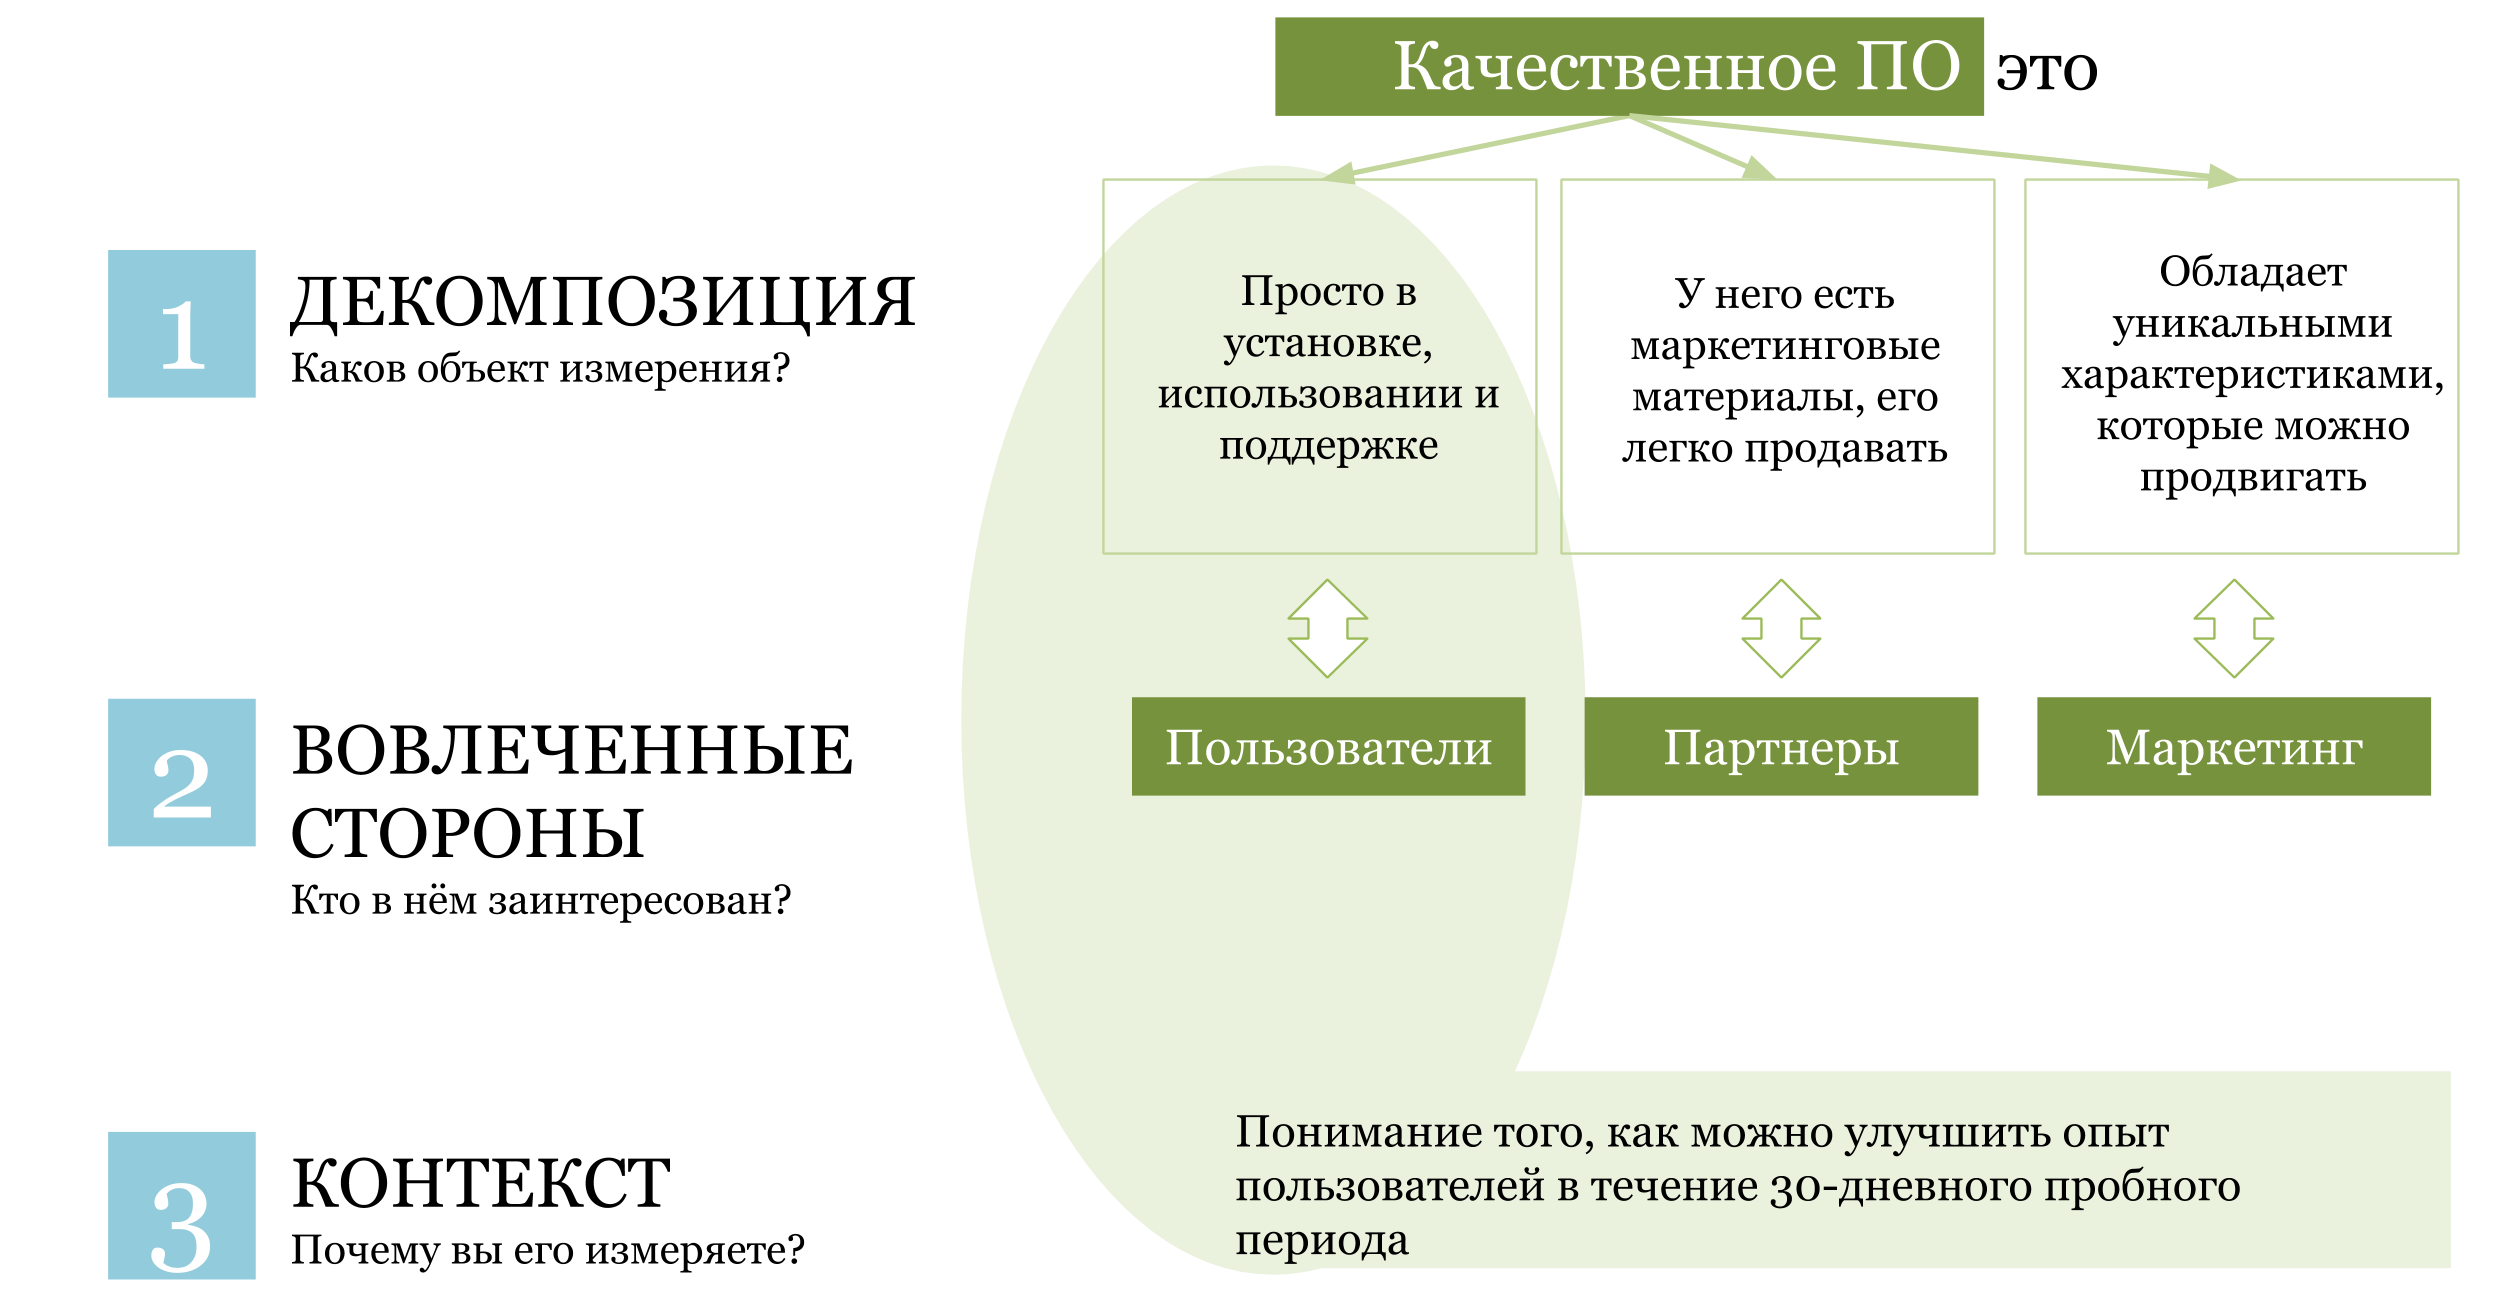 3 этапа: декомпозиция, заинтересованные стороны, контекст